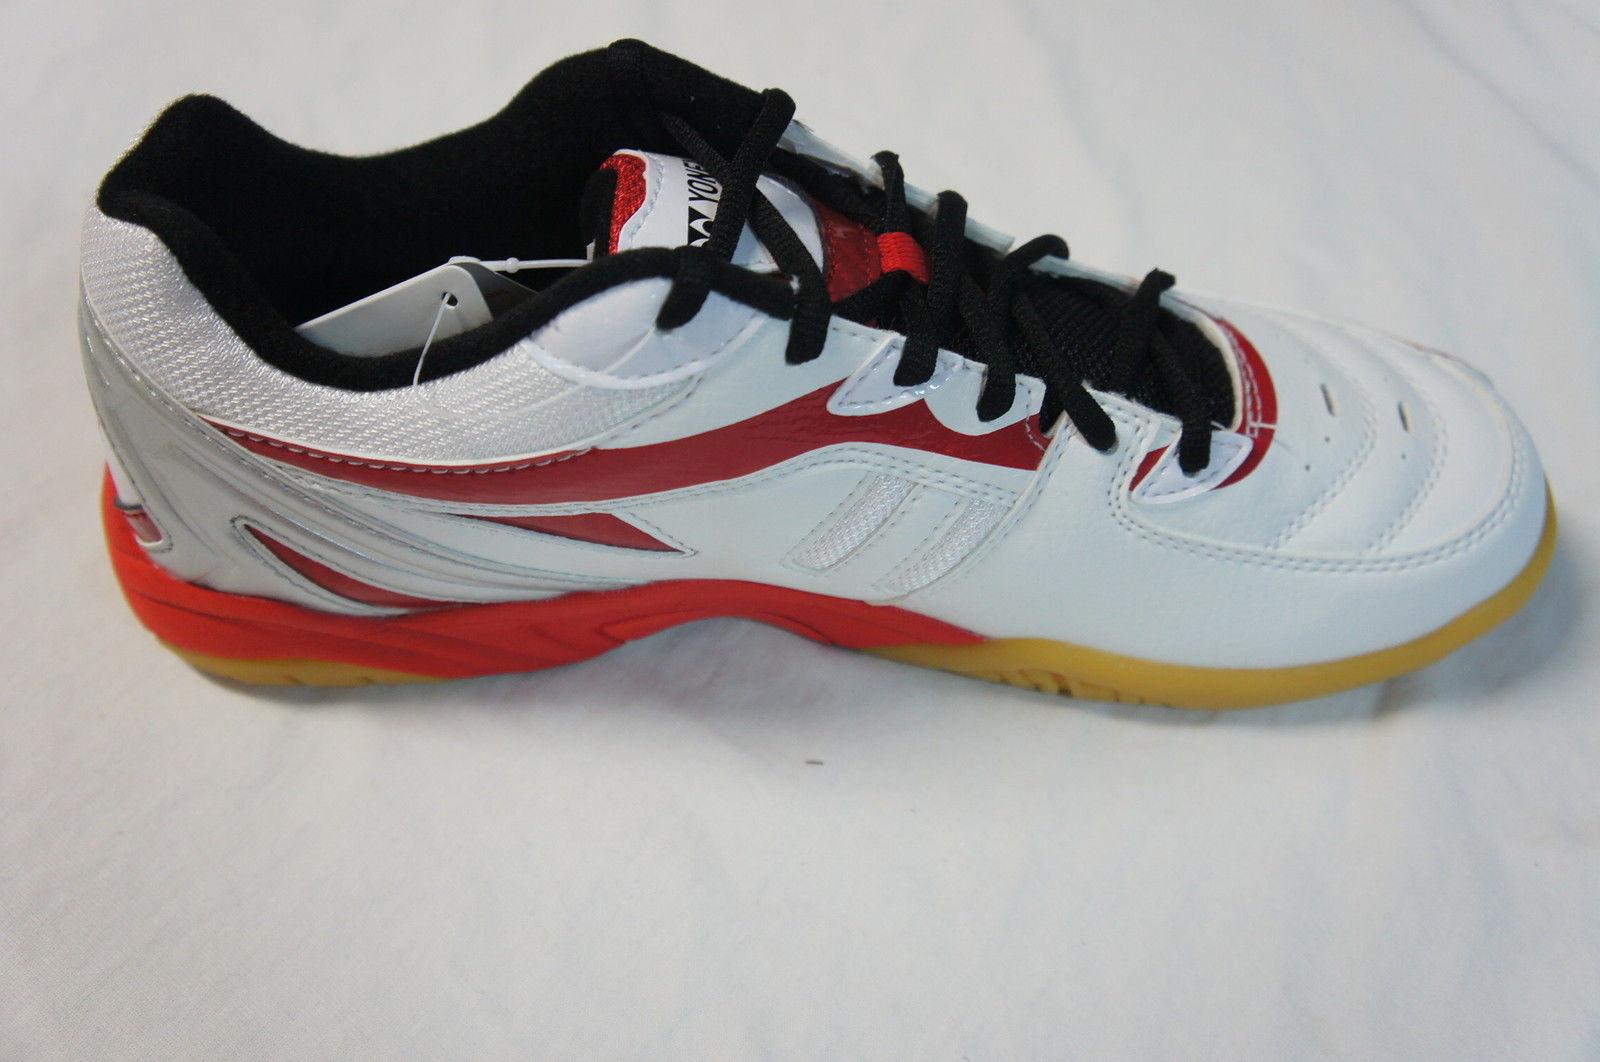 Yonex badminton shoes online shop 33326ae71